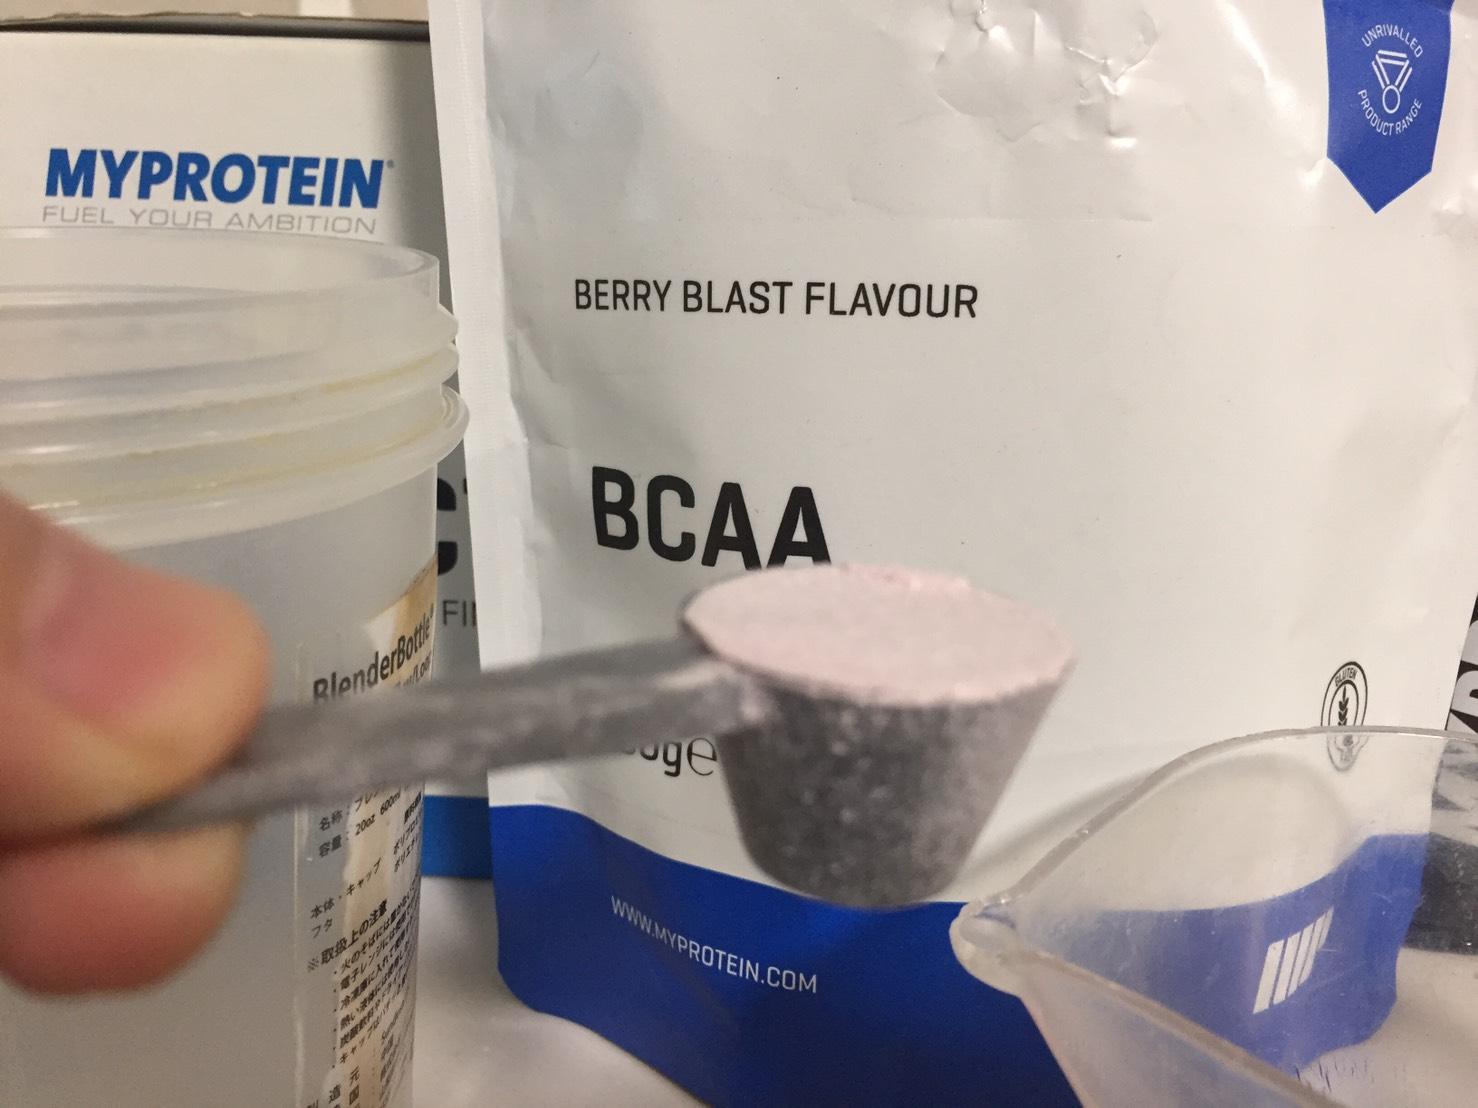 BCAA「ベリーブラスト味(BERRY BLAST FLAVOUR)」の摺り切り一杯を250mlの水に溶かします。